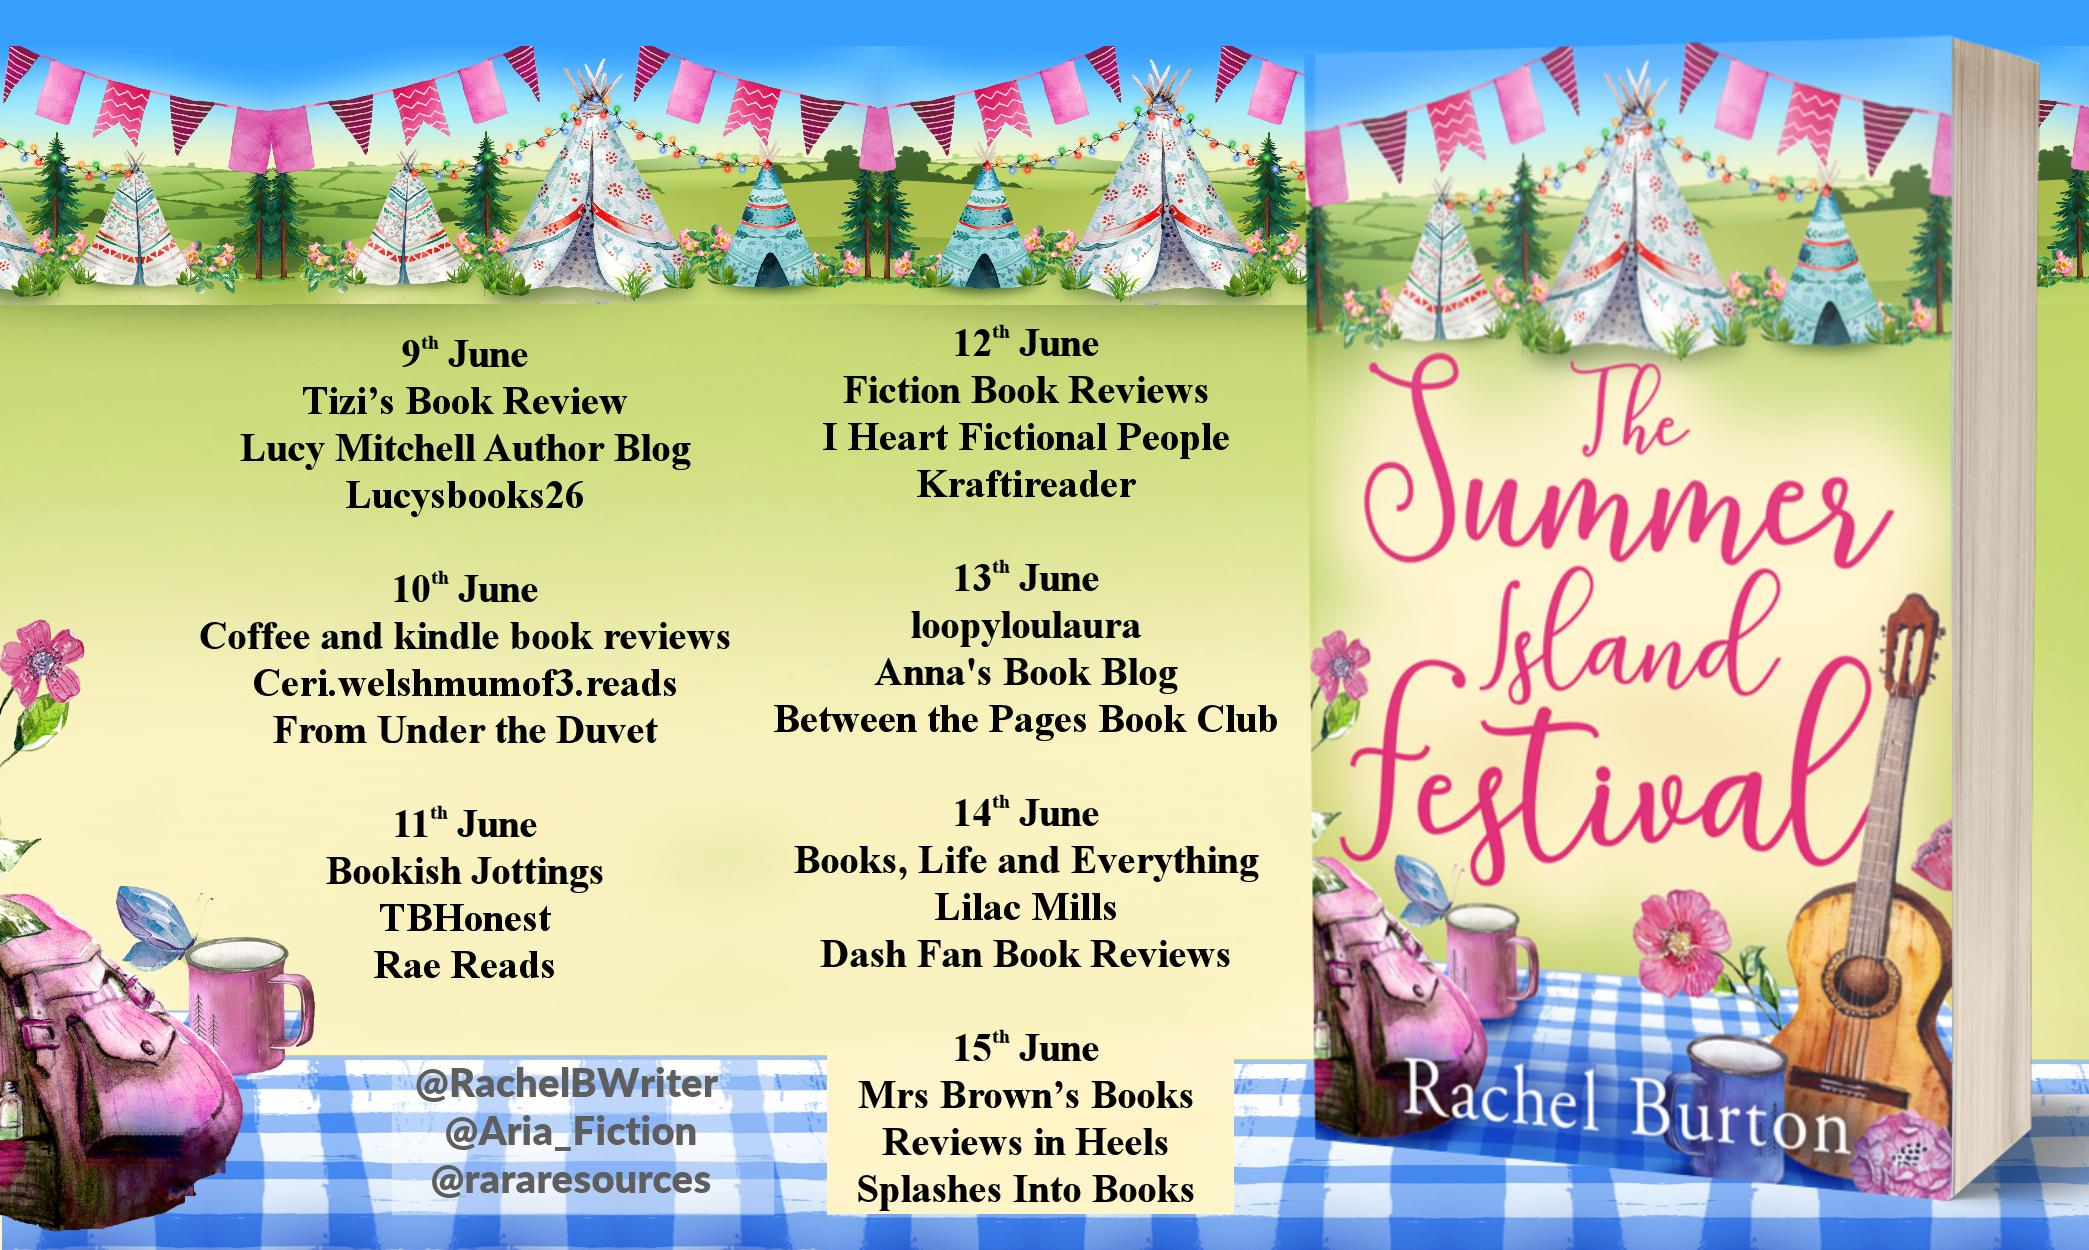 The Summer Island Festival Full Tour Banner